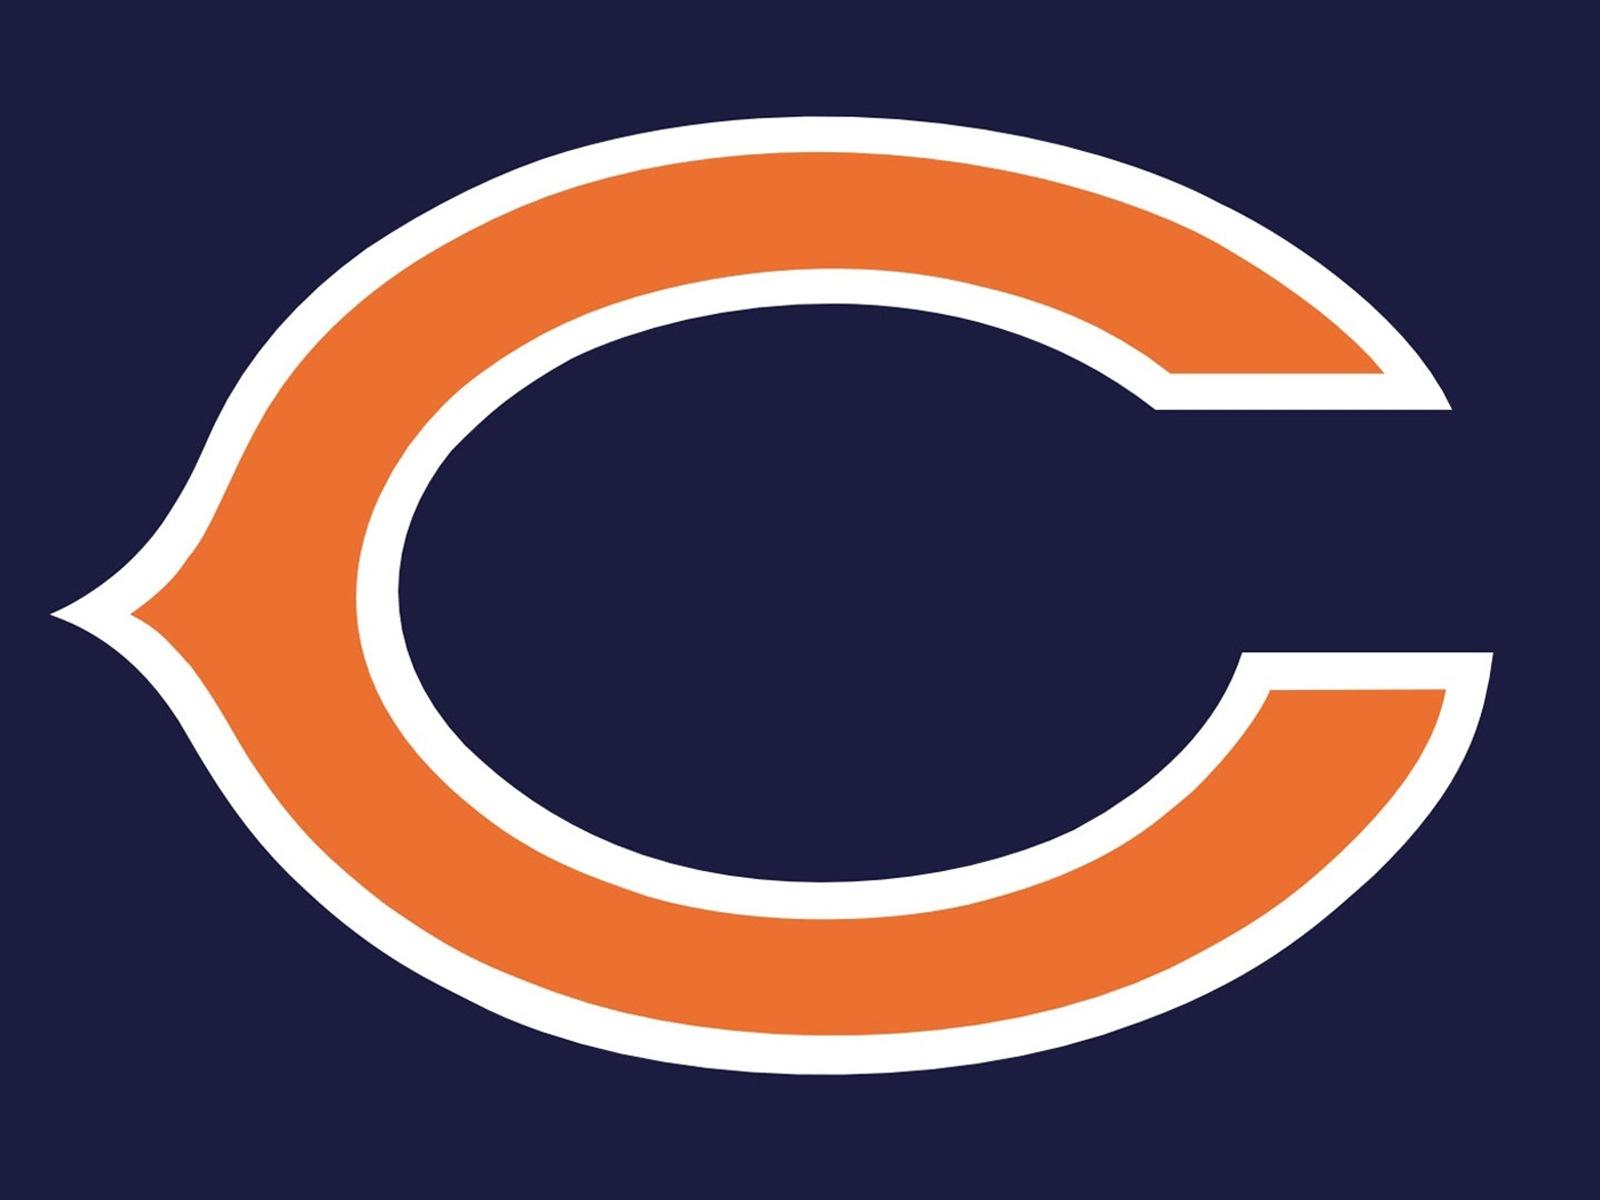 Bears logo_1486583098565.jpg